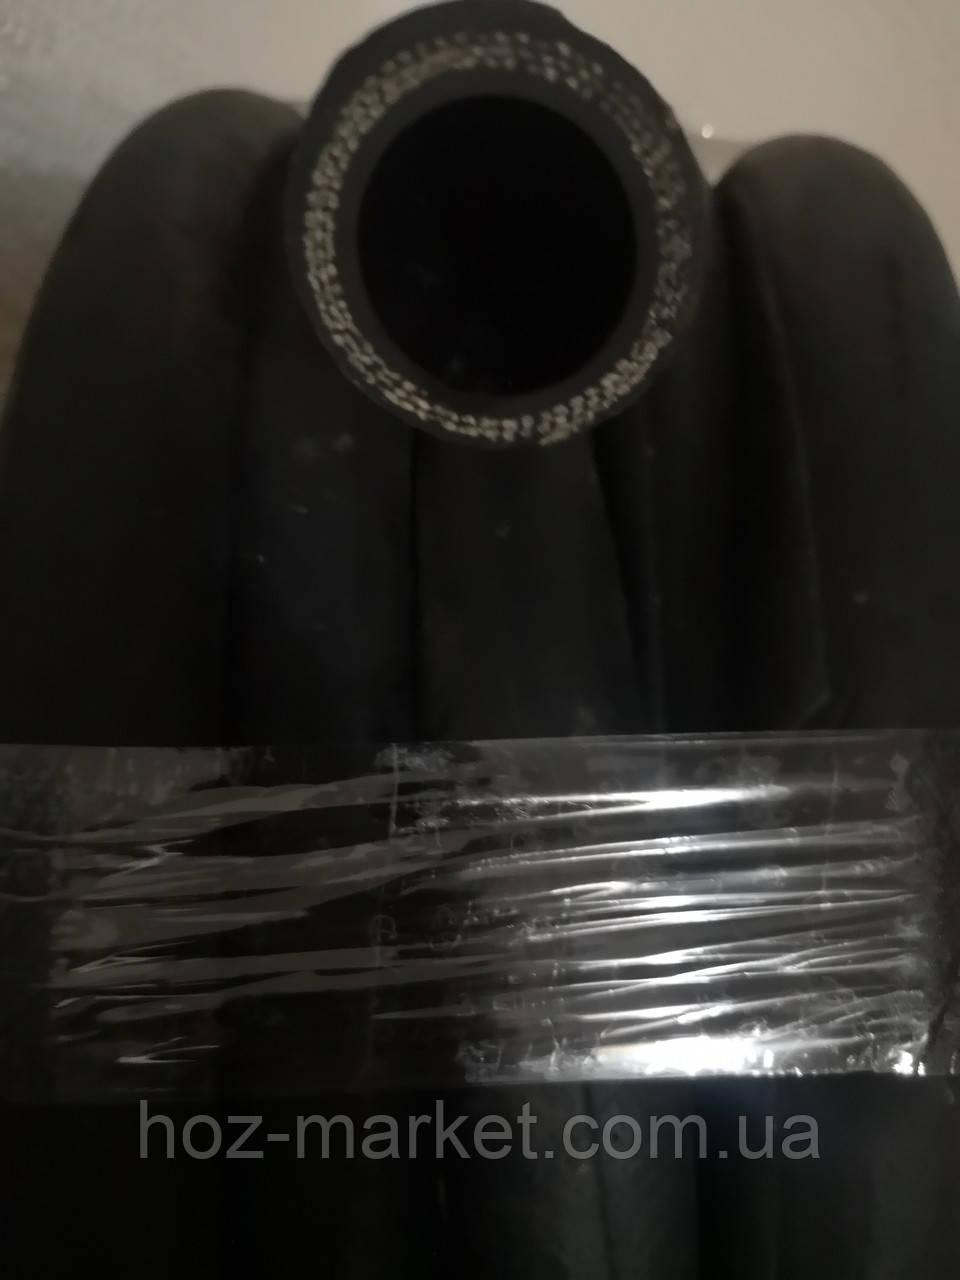 Рукав(шланг) МБС 25мм ГОСТ 18698-79